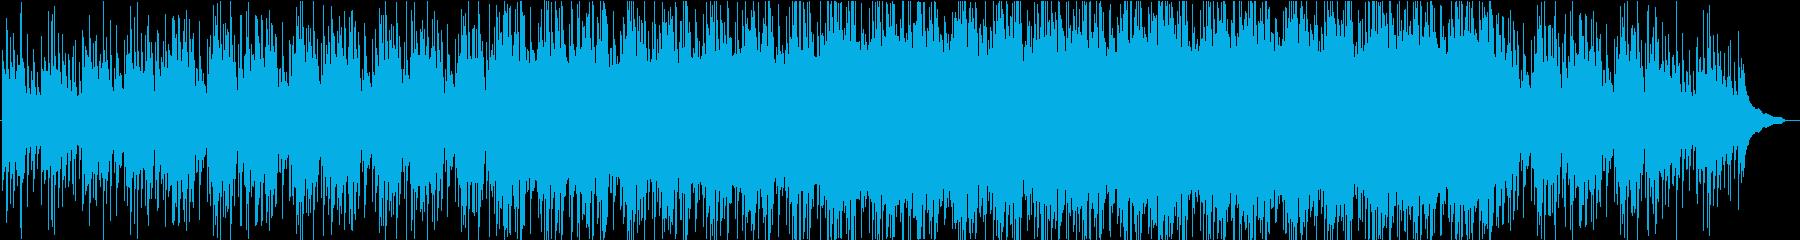 アコギで5月の風を表現した爽やかな曲の再生済みの波形